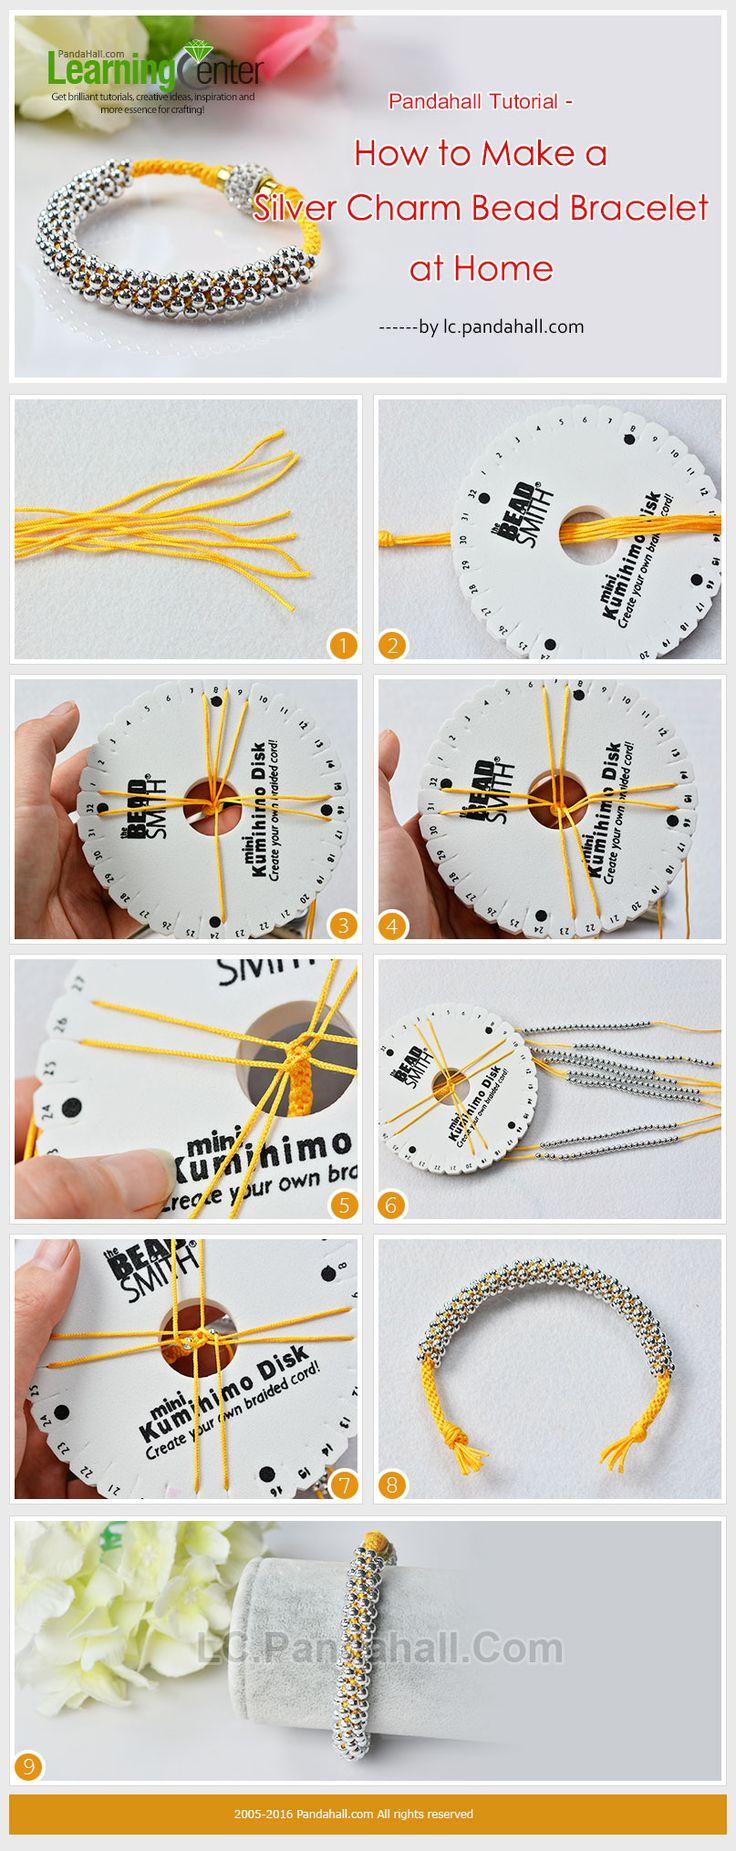 Схемы для кумихимо с бисером